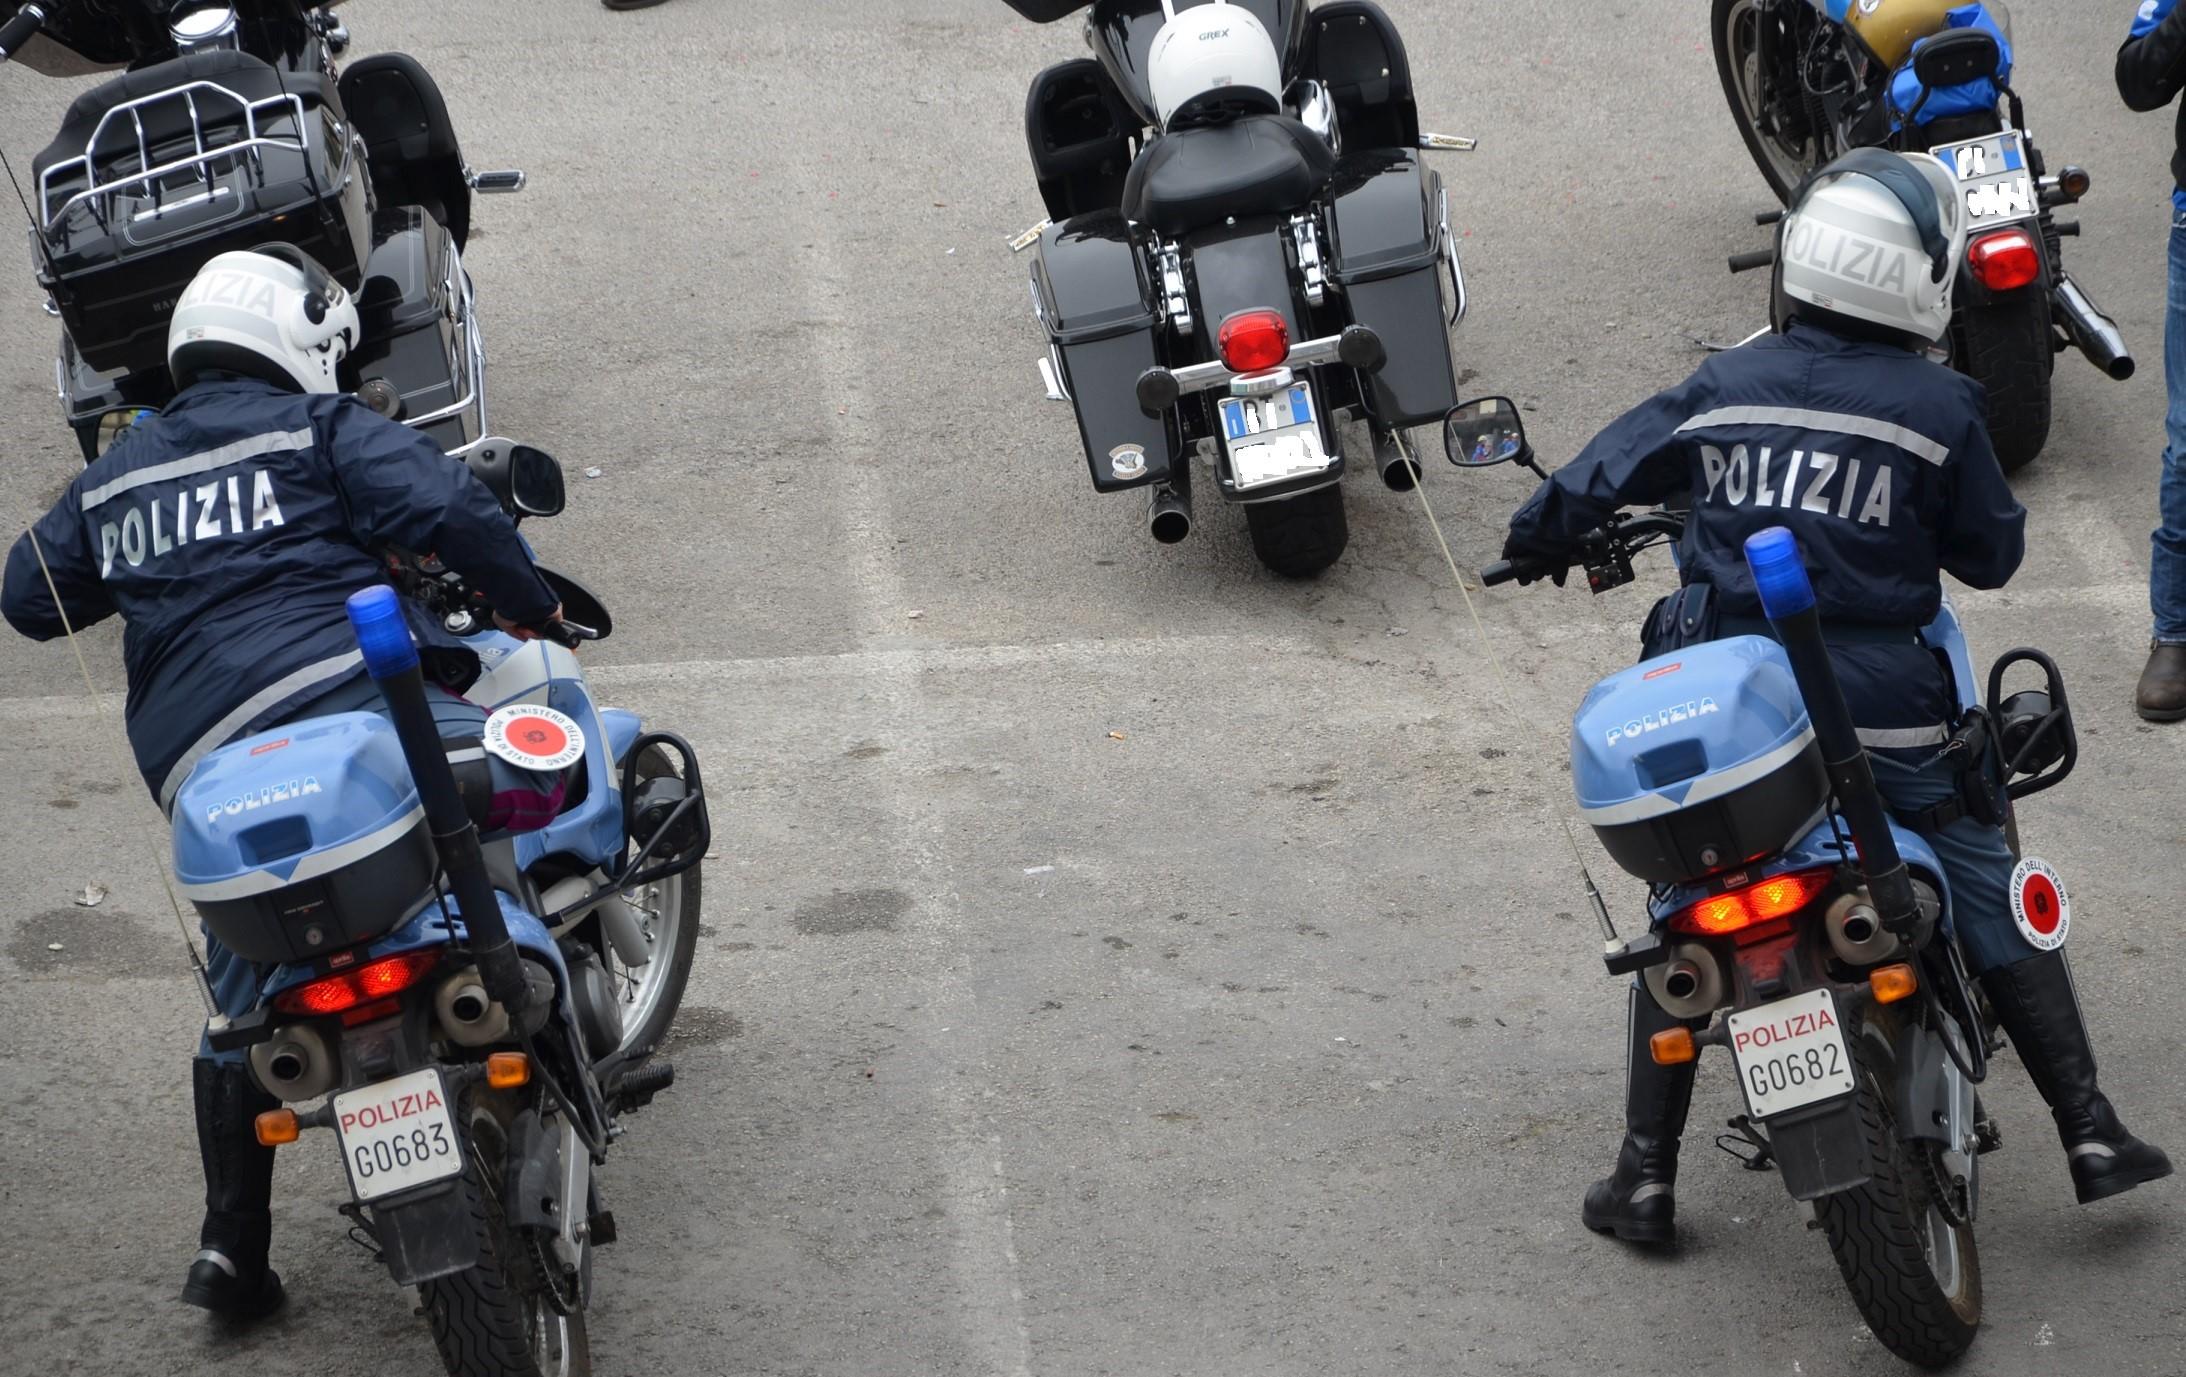 Modica, intensificati i controlli della Polizia: scattano multe e denunce